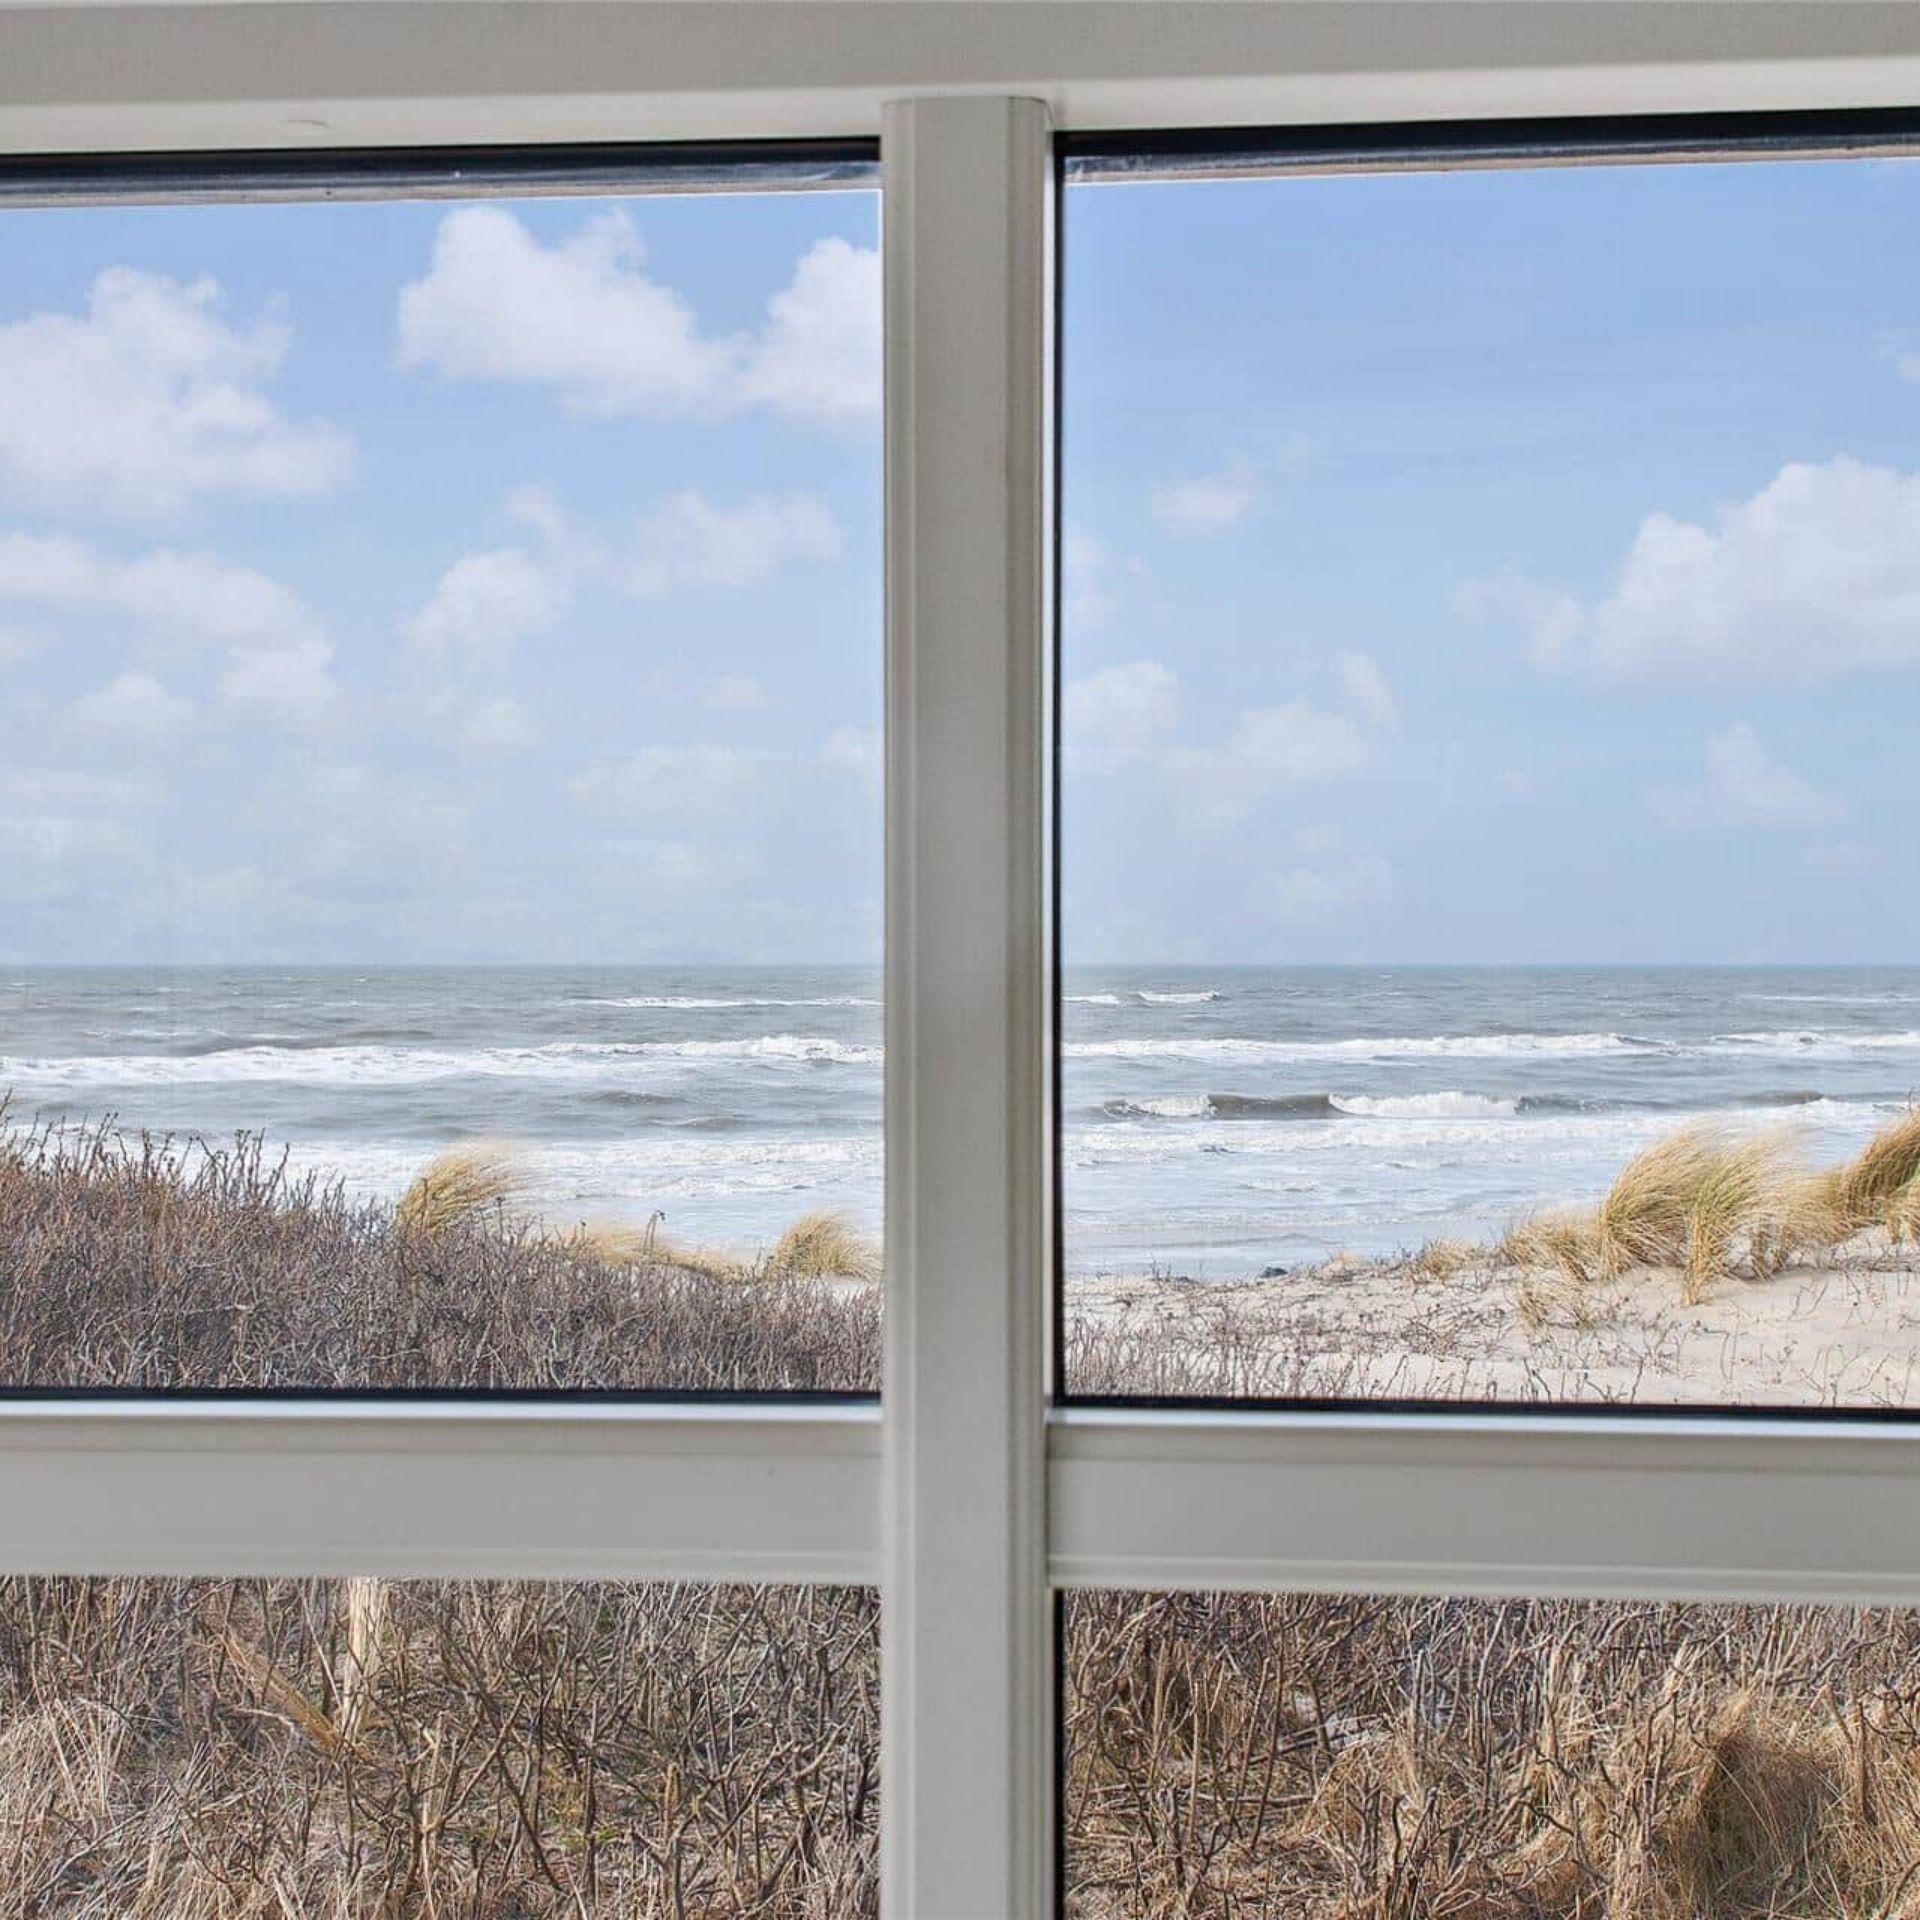 Fantastisch huis bij Nørlev Strand in Noord Jutland | Vakantiepartner Denemarken #strandhuis